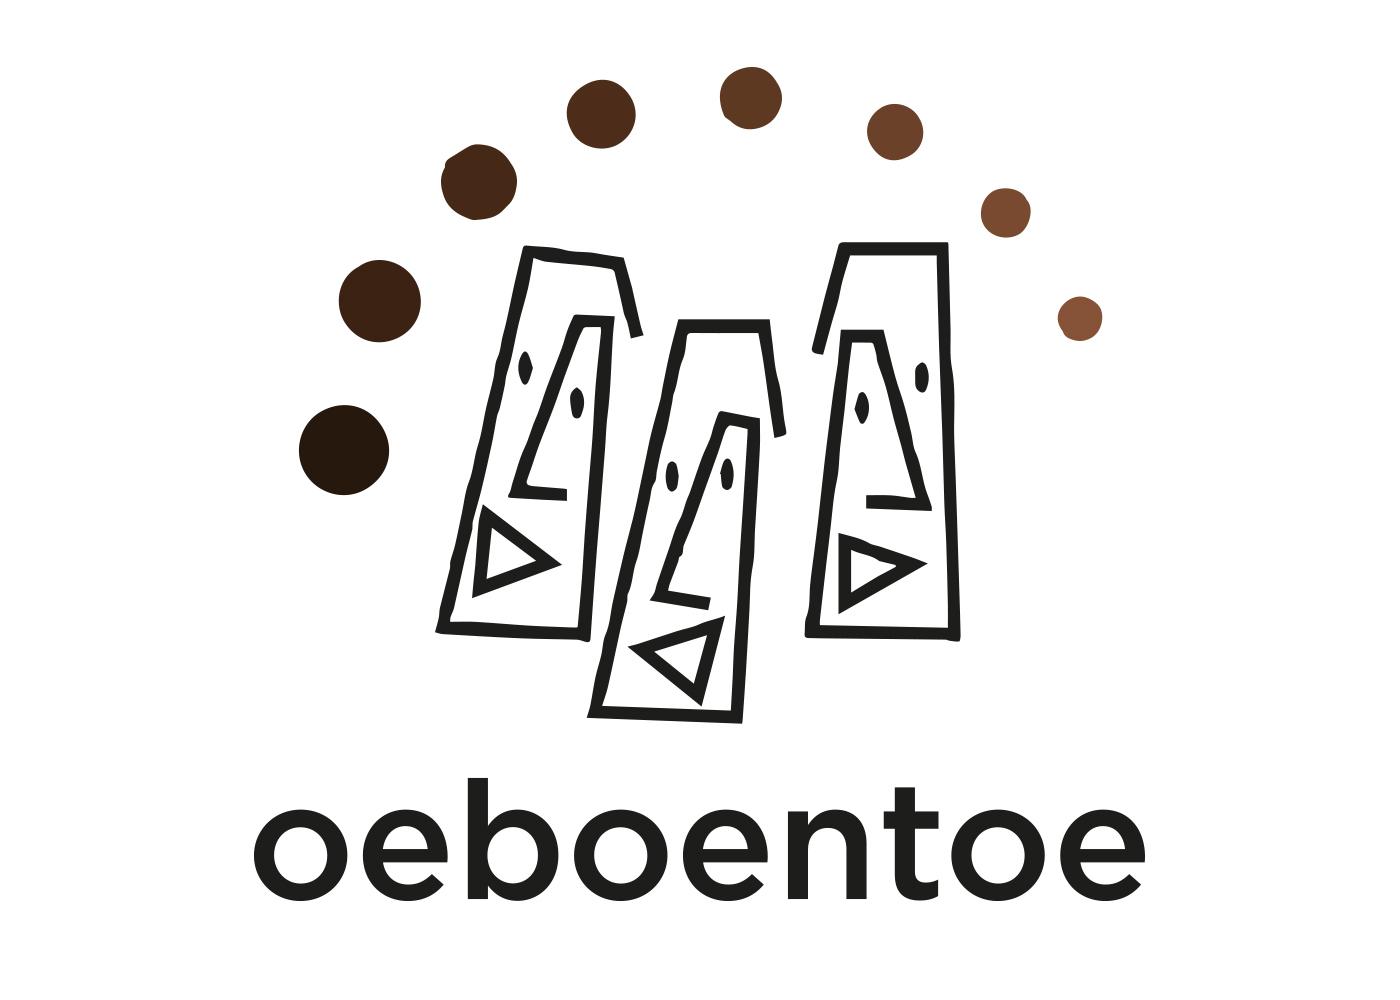 logo-obs-oeboentoe-rechthoek-ouderportaal-1400x1000.jpg